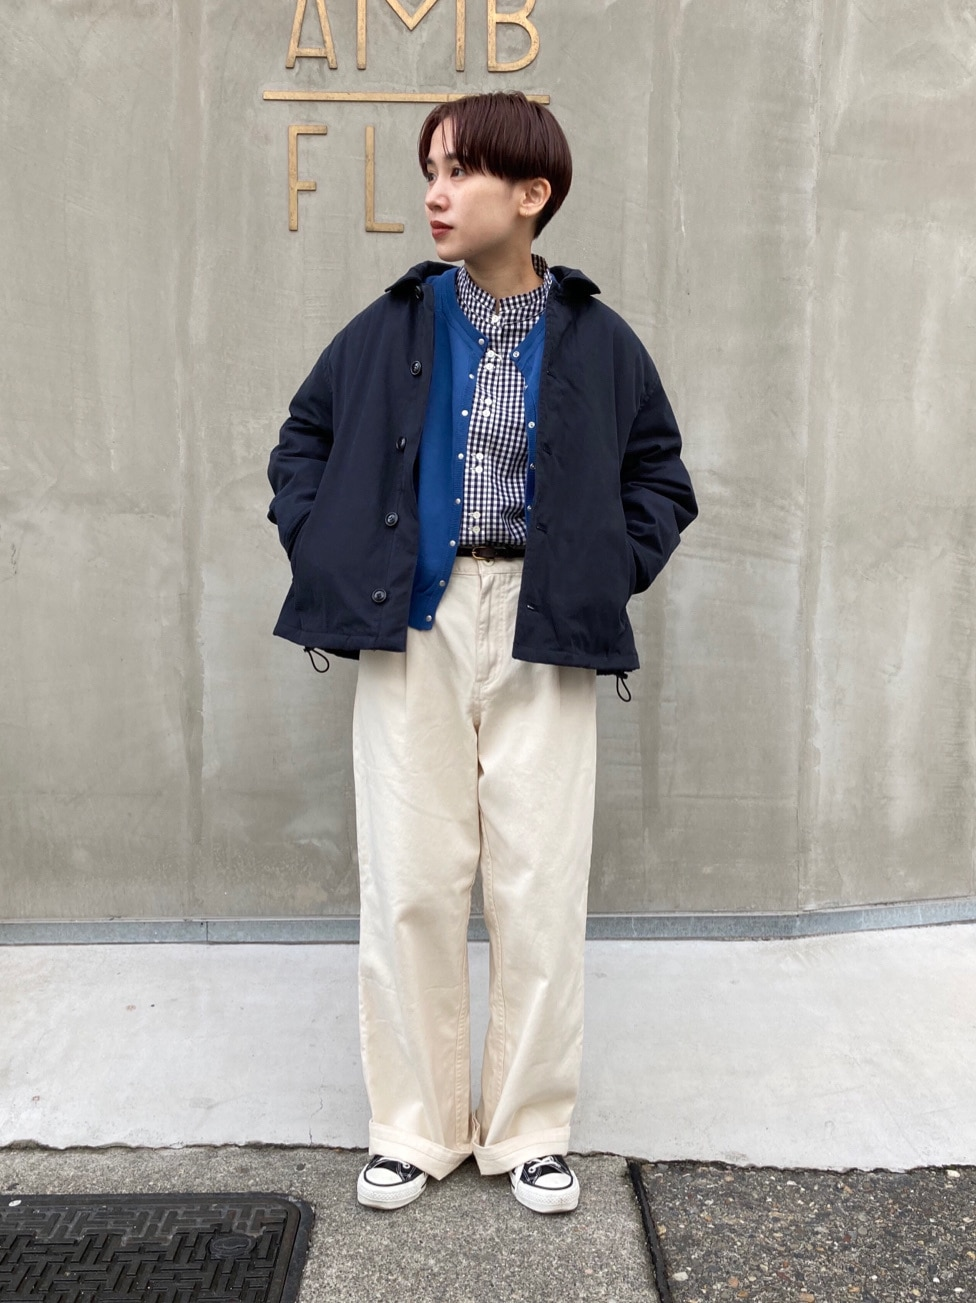 - PAR ICI FLAT AMB 名古屋栄路面 身長:156cm 2020.12.18